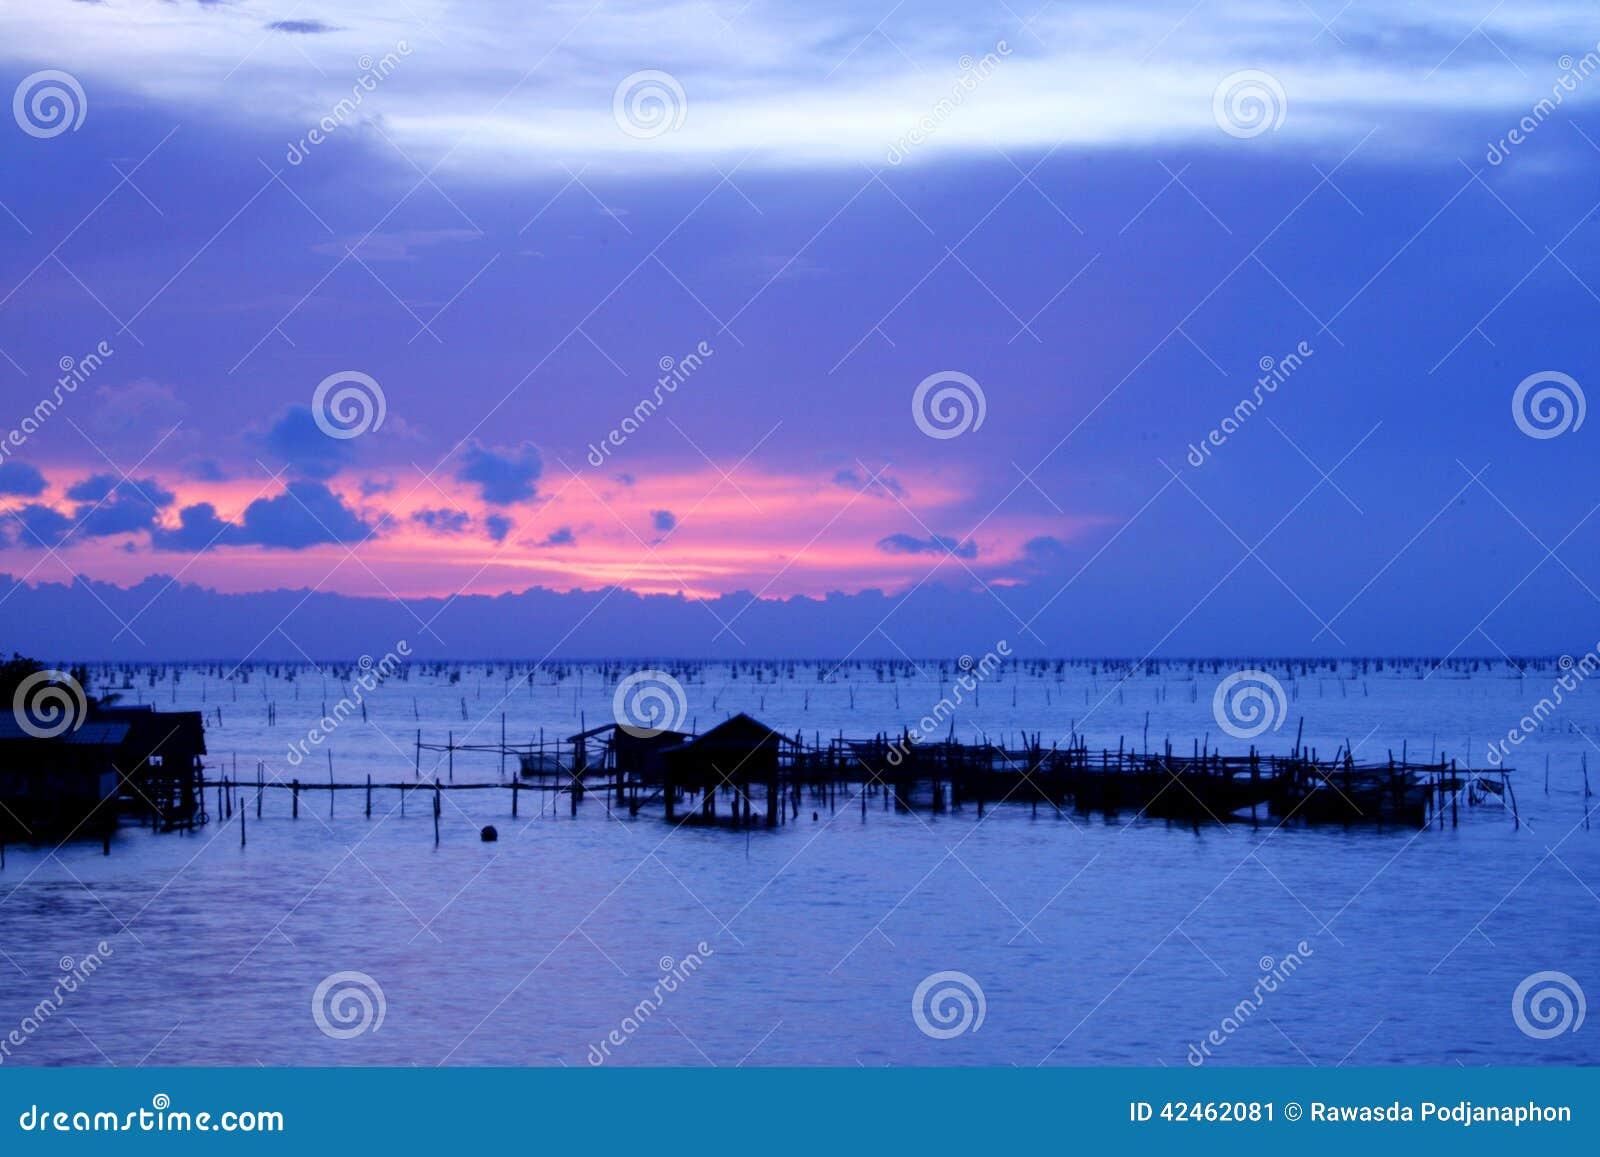 Netter Sonnenuntergang